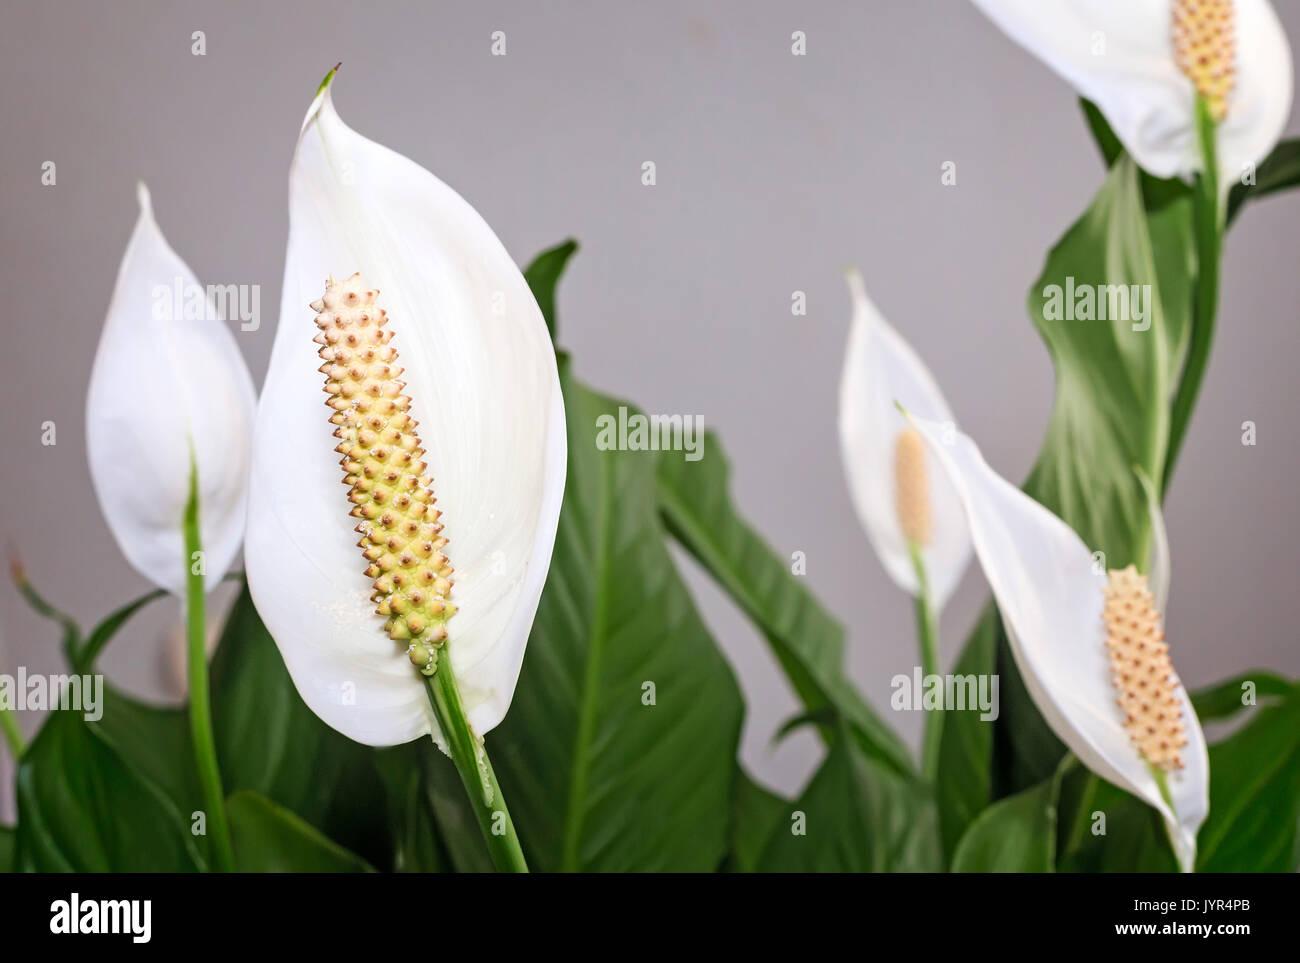 Bellissimi fiori bianchi e foglie verdi fiore tropicale Spathiphyllum su uno sfondo luminoso. Foto Stock